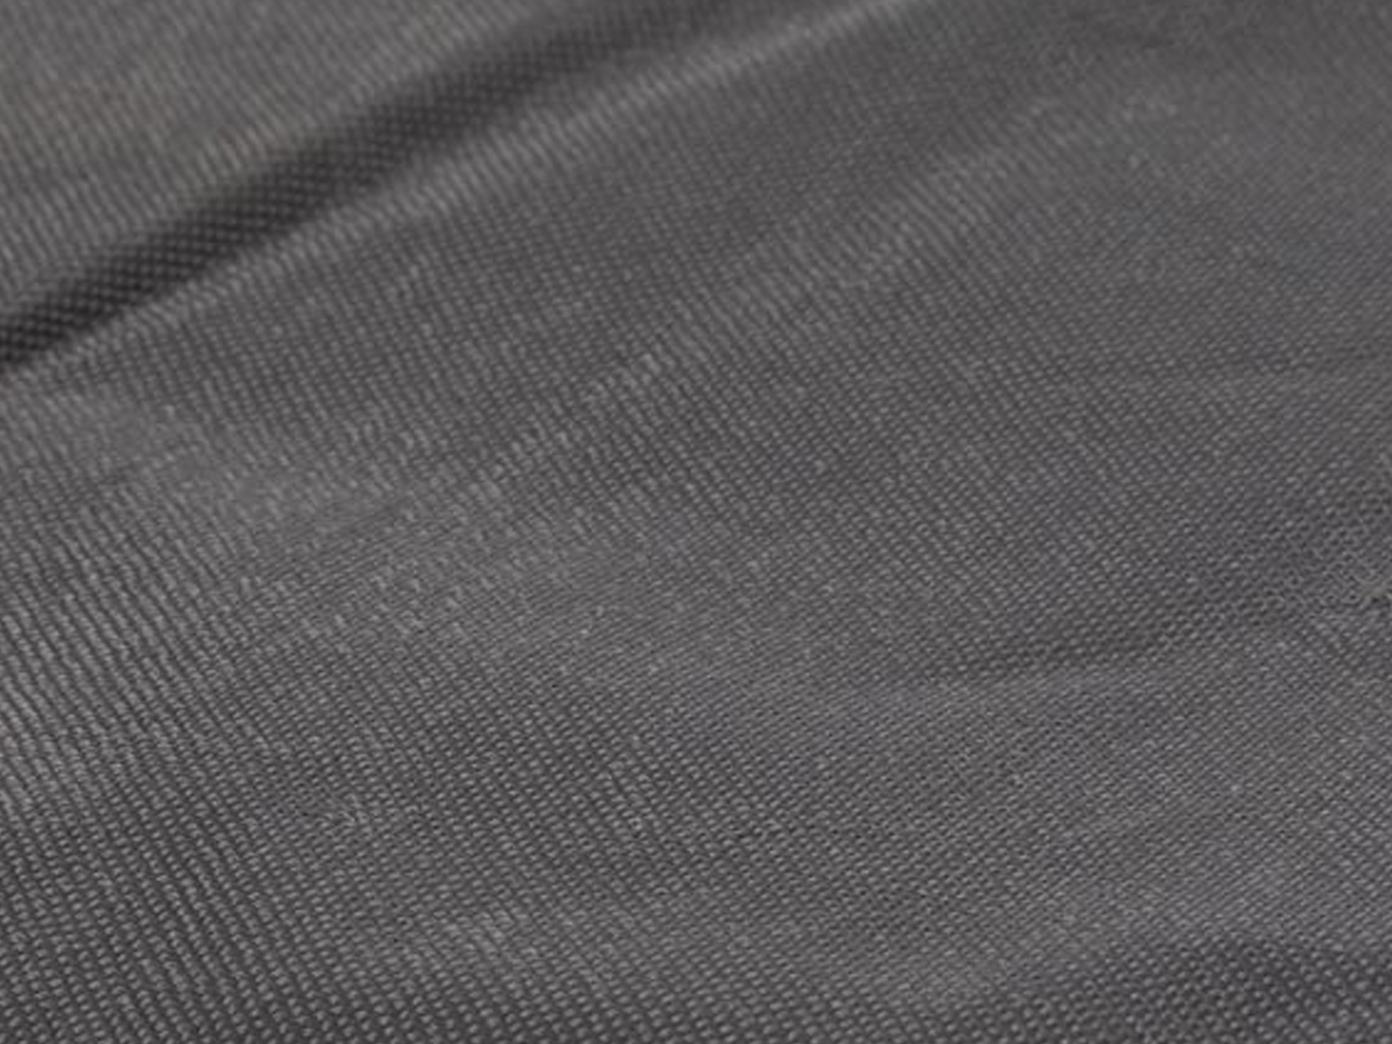 Schutzhülle M Abdeckung rechteckig 185x150cm für Gartenmöbel, Gartenmöbel, Gartenmöbel, Plane wasserdicht fe52ff